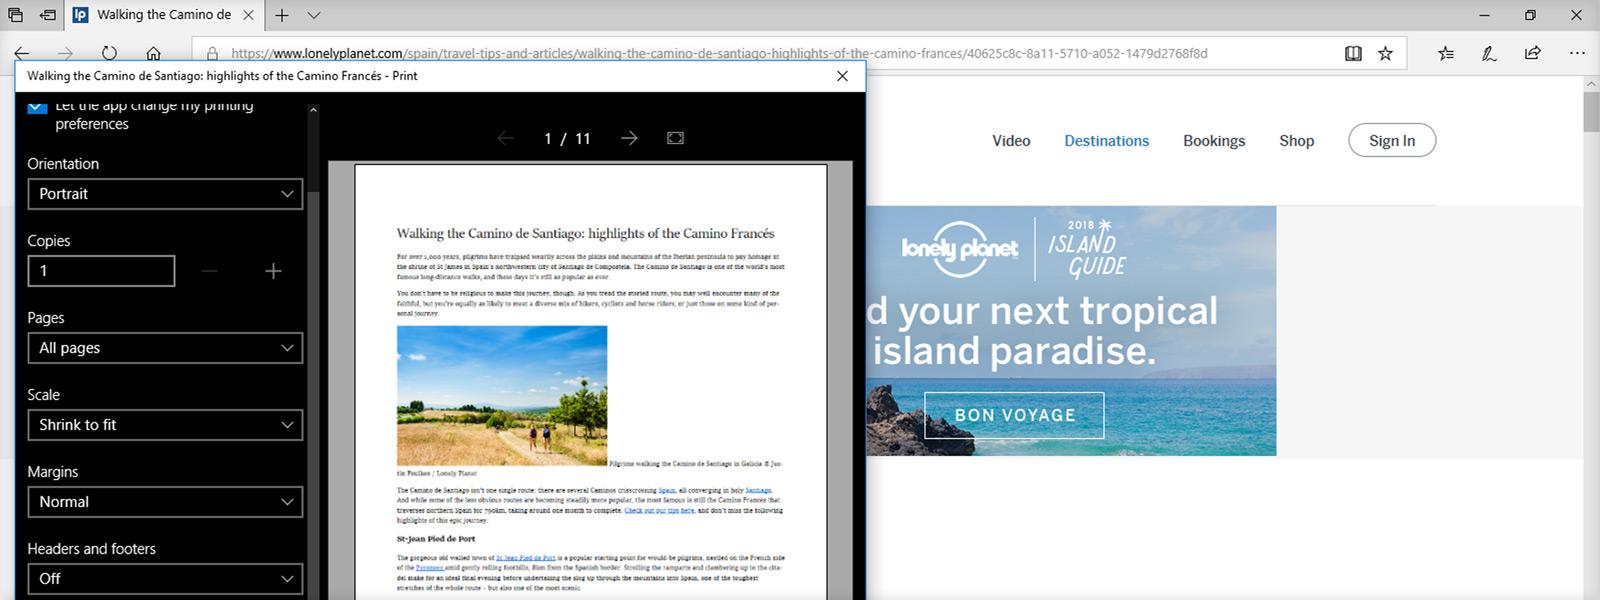 Imagen de una pantalla en la que se muestra una vista previa de impresión en Edge de una determinada página web sin anuncios